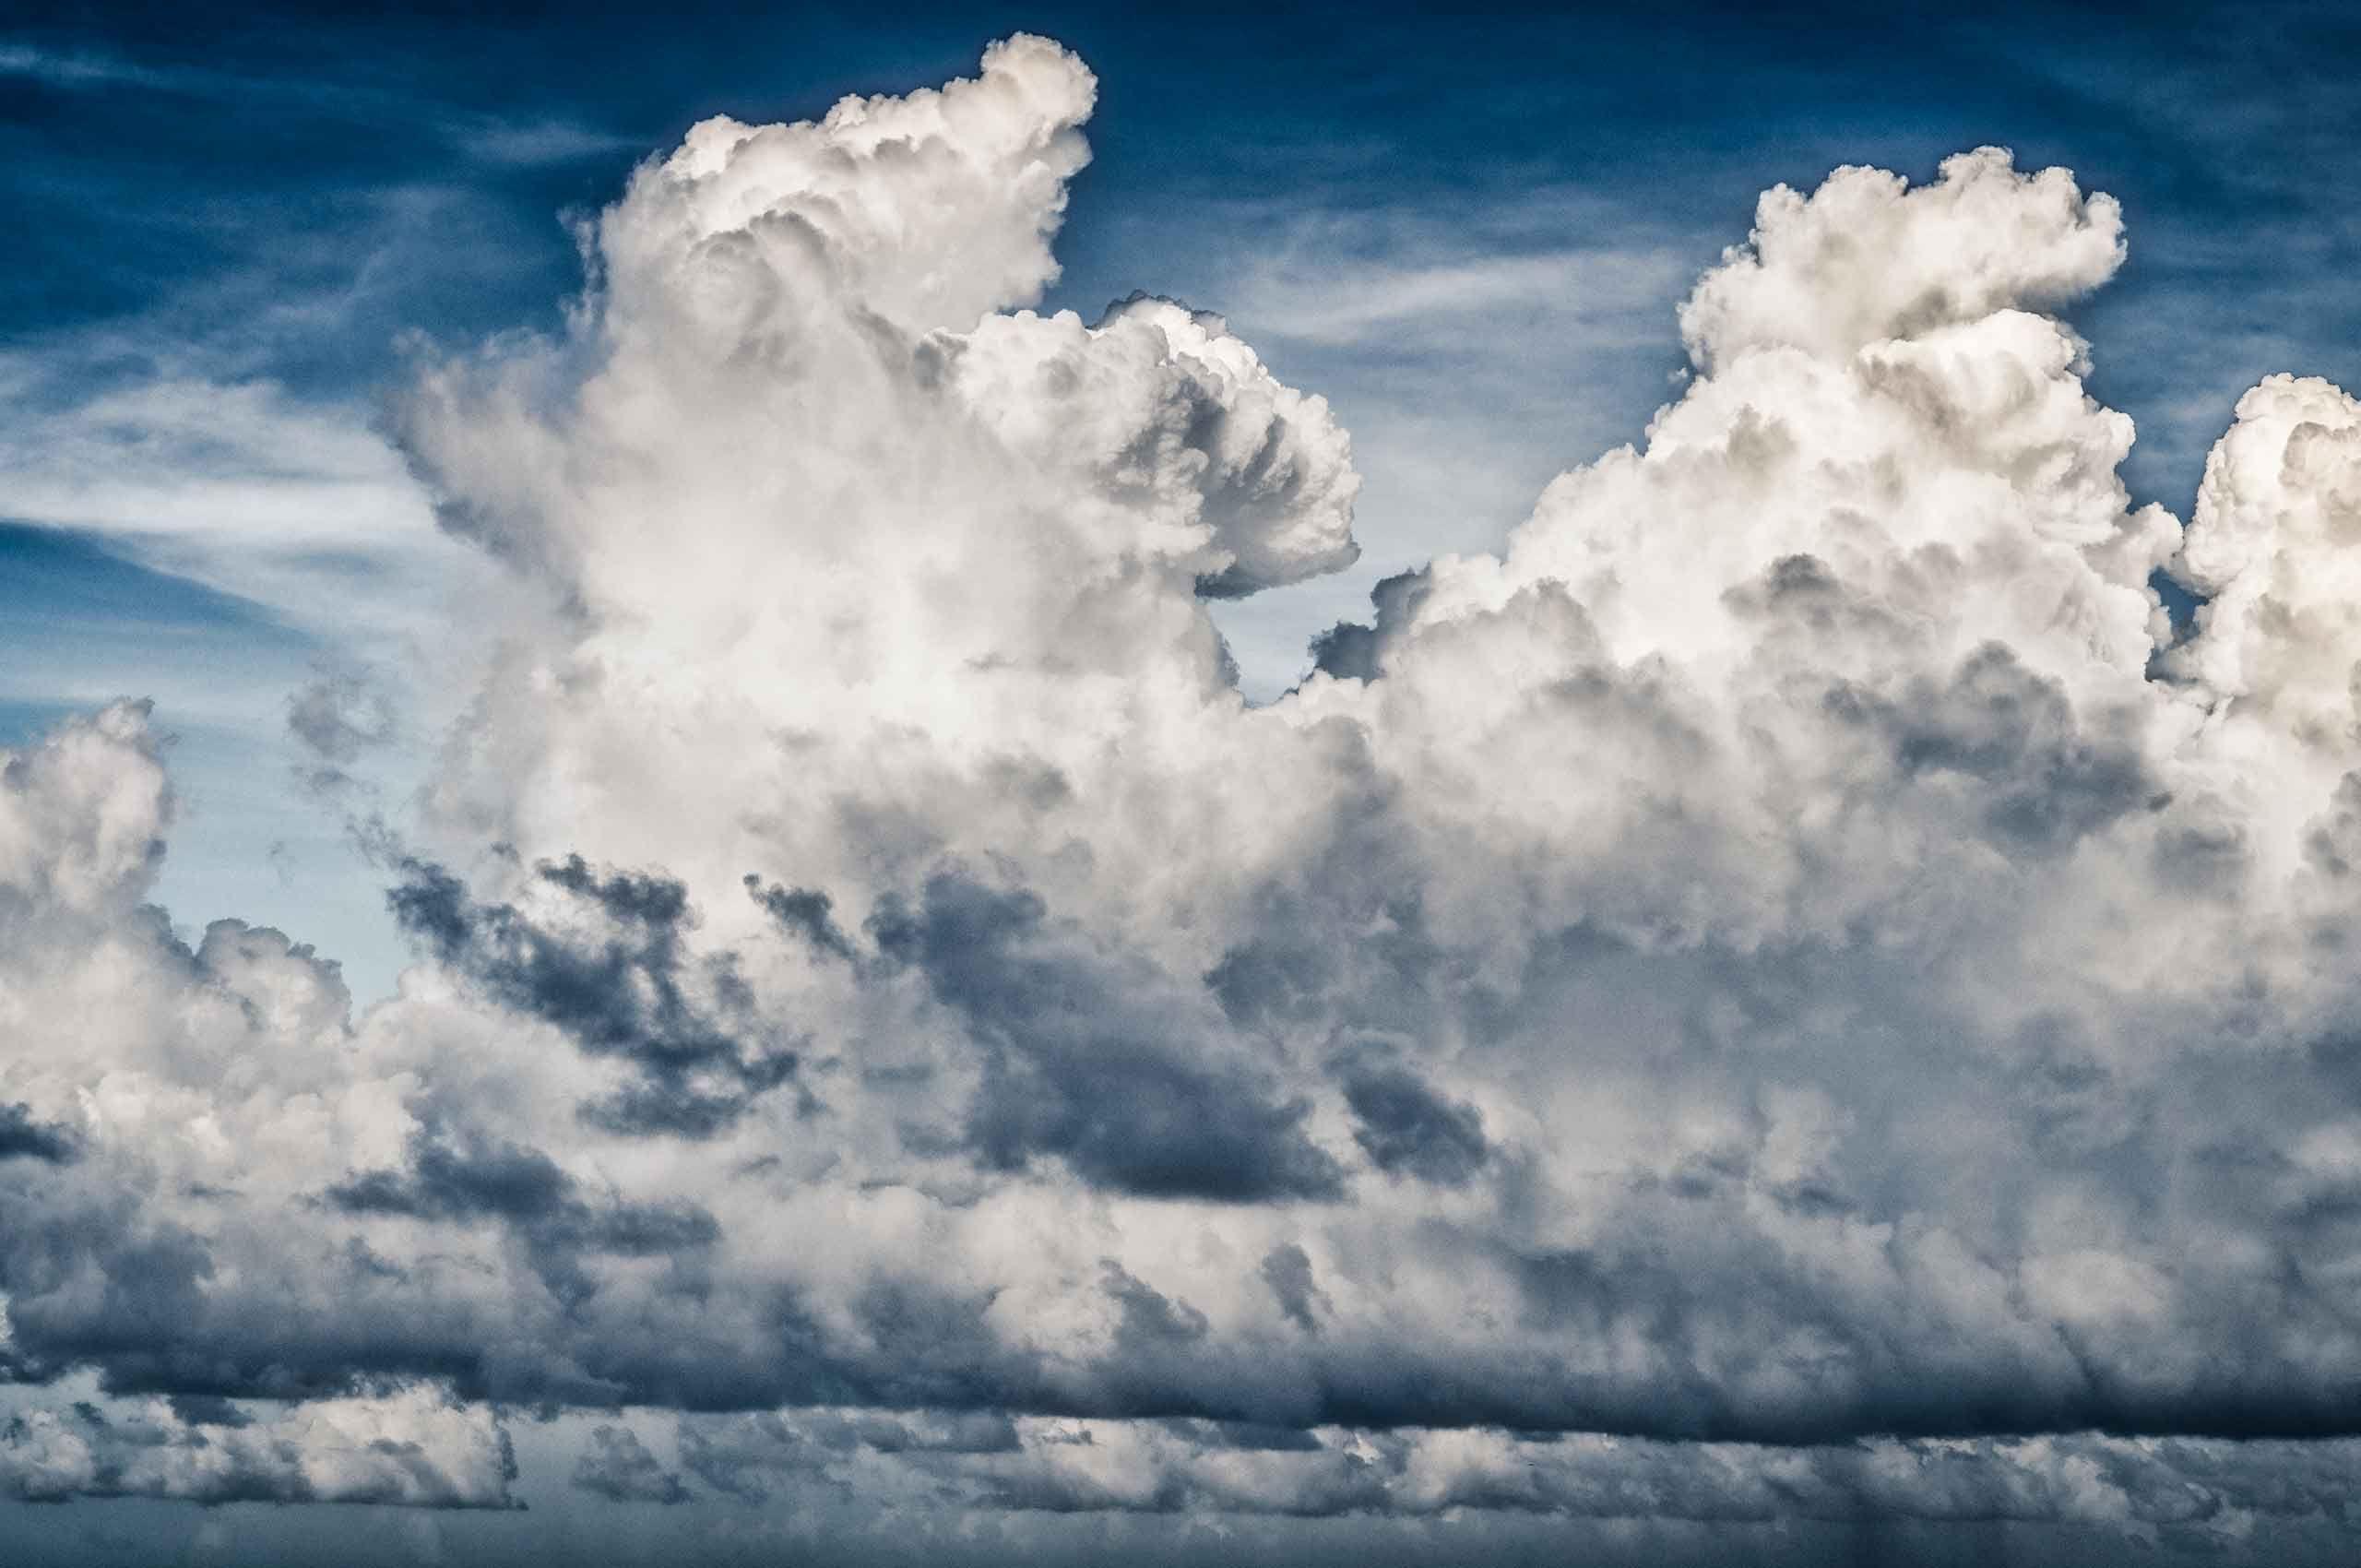 Cloudscape-Mexico-by-HenrikOlundPhotography.jpg